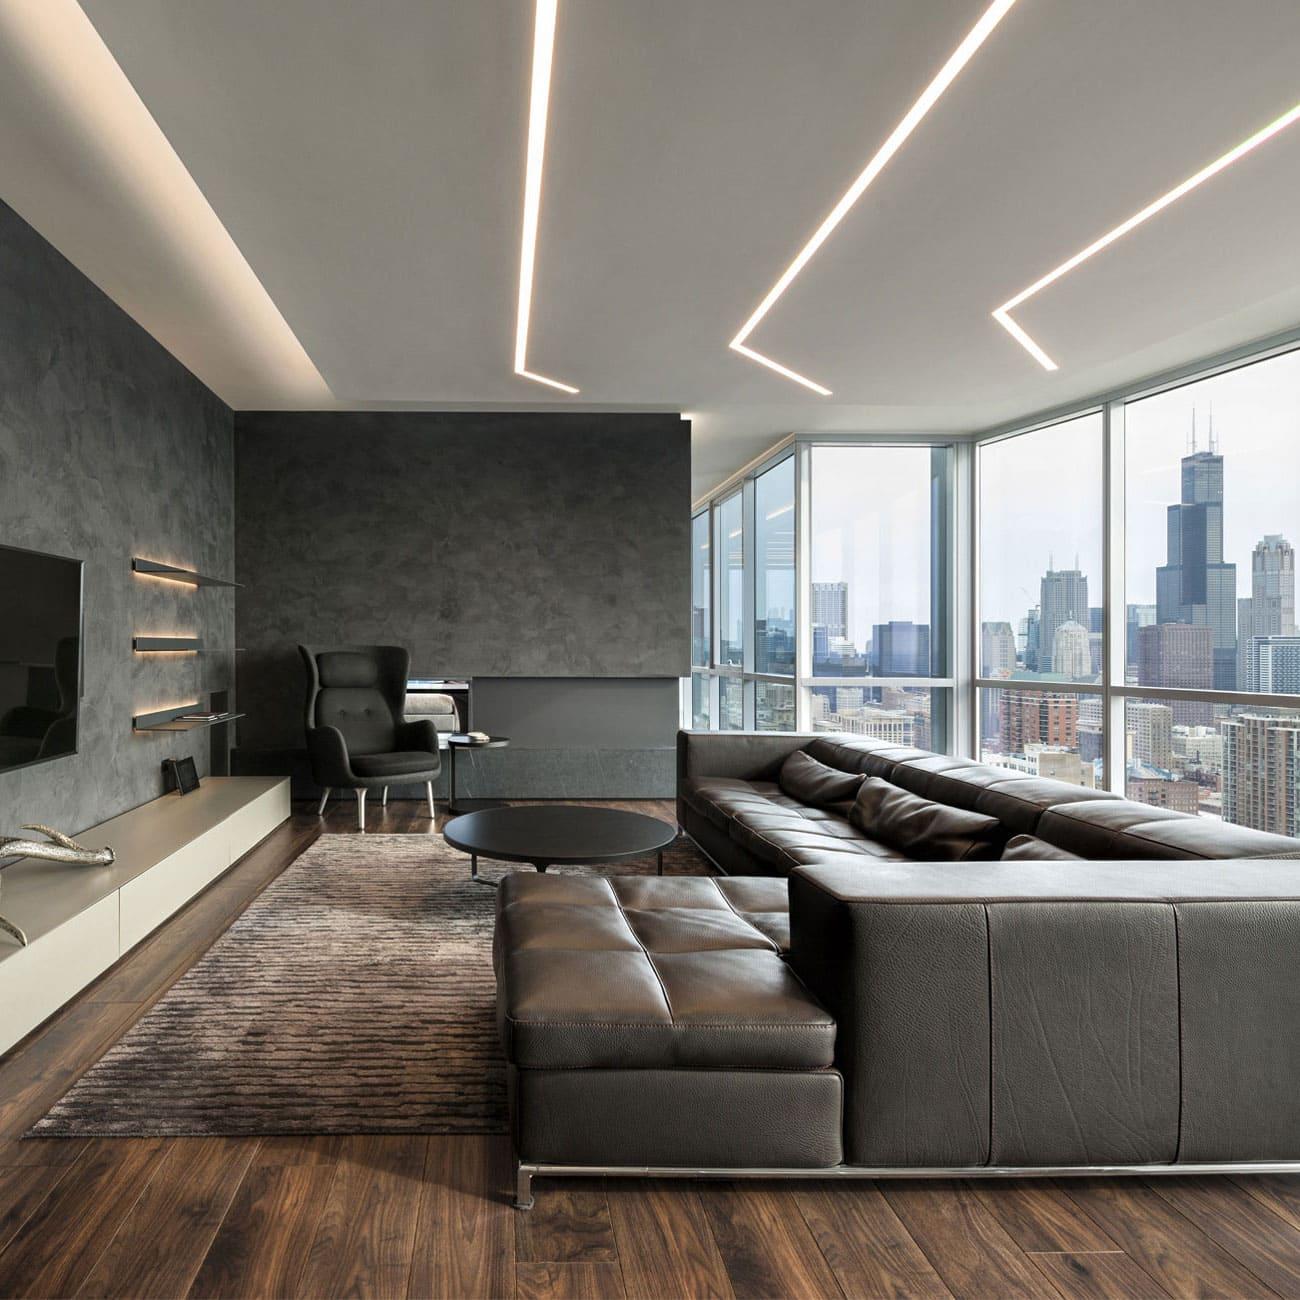 красивый дизайн потолка с подсветкой фото – 26